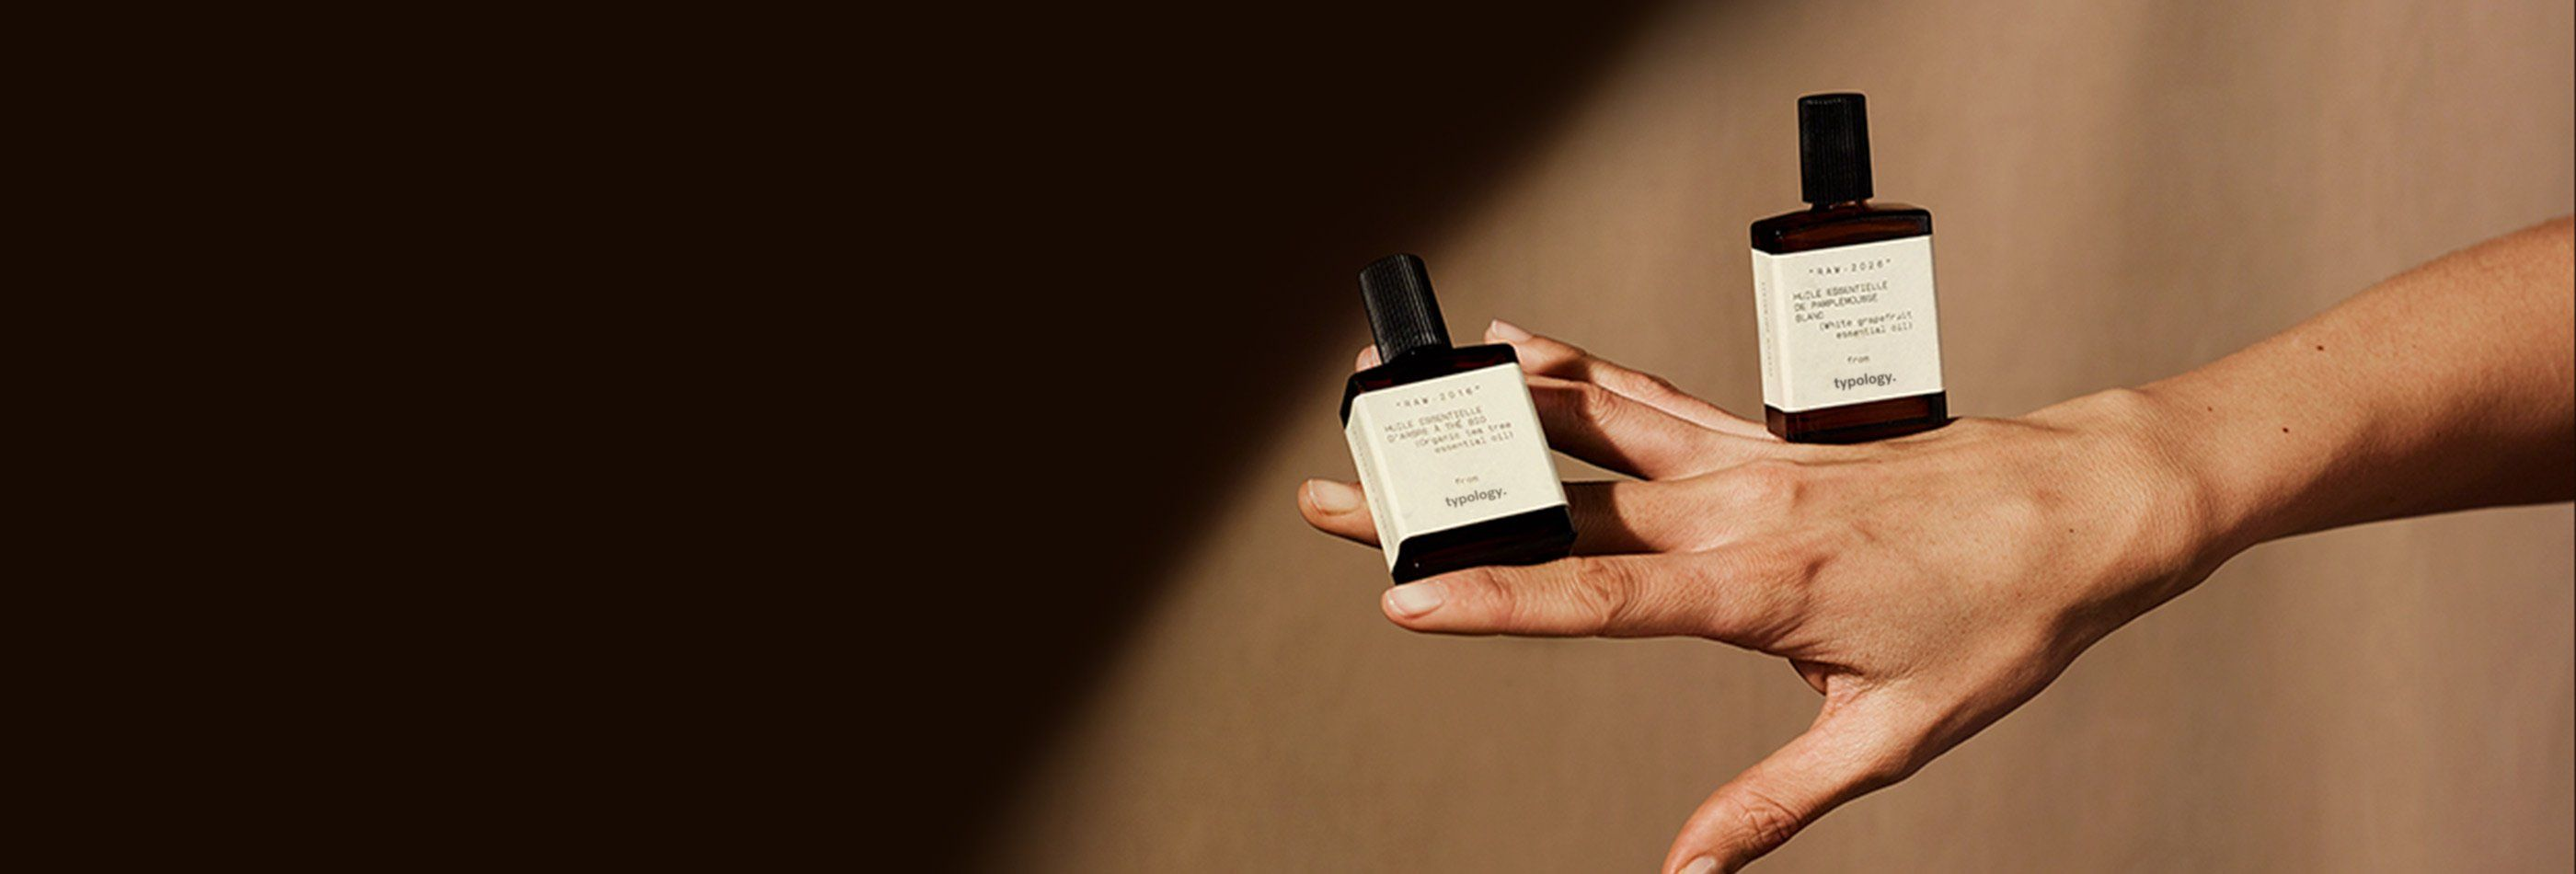 Typology Est Nee D Une Mission Demystifier L Industrie Du Soin Nous Produisons En France Des Produits Sains Et Efficaces French Beauty Beauty Brand Beauty